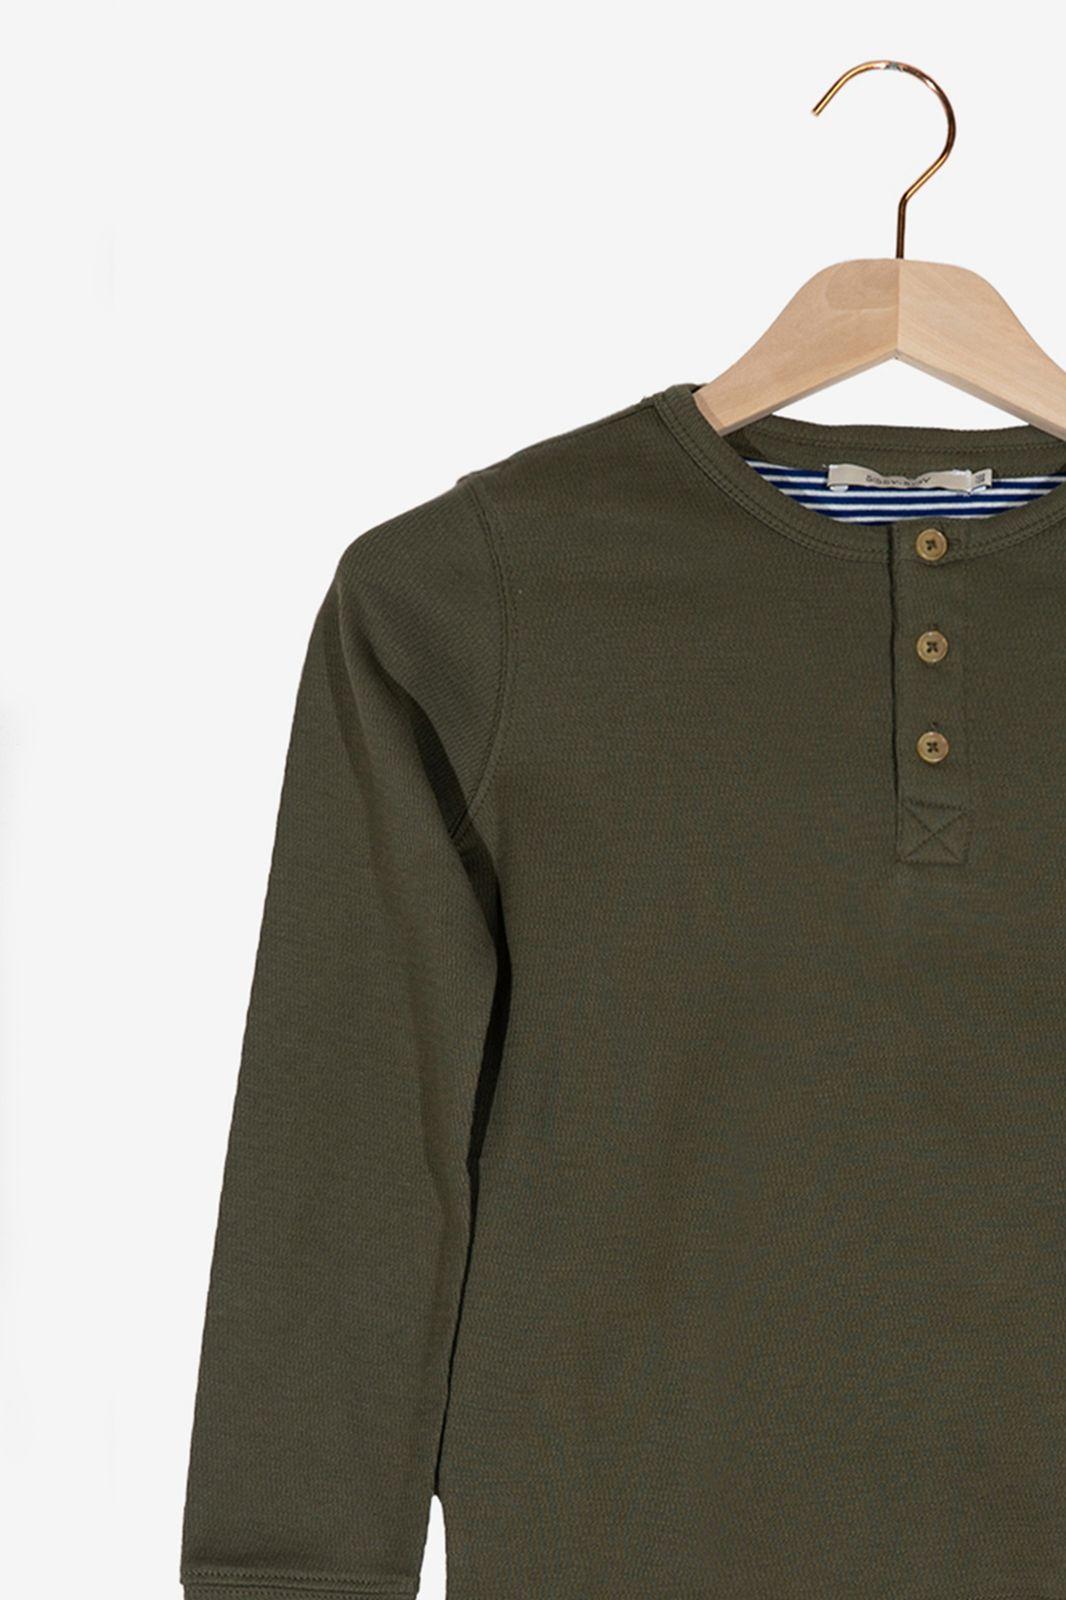 Donkergroen T-shirt met lange mouwen en knoopjes - Kids | Sissy-Boy